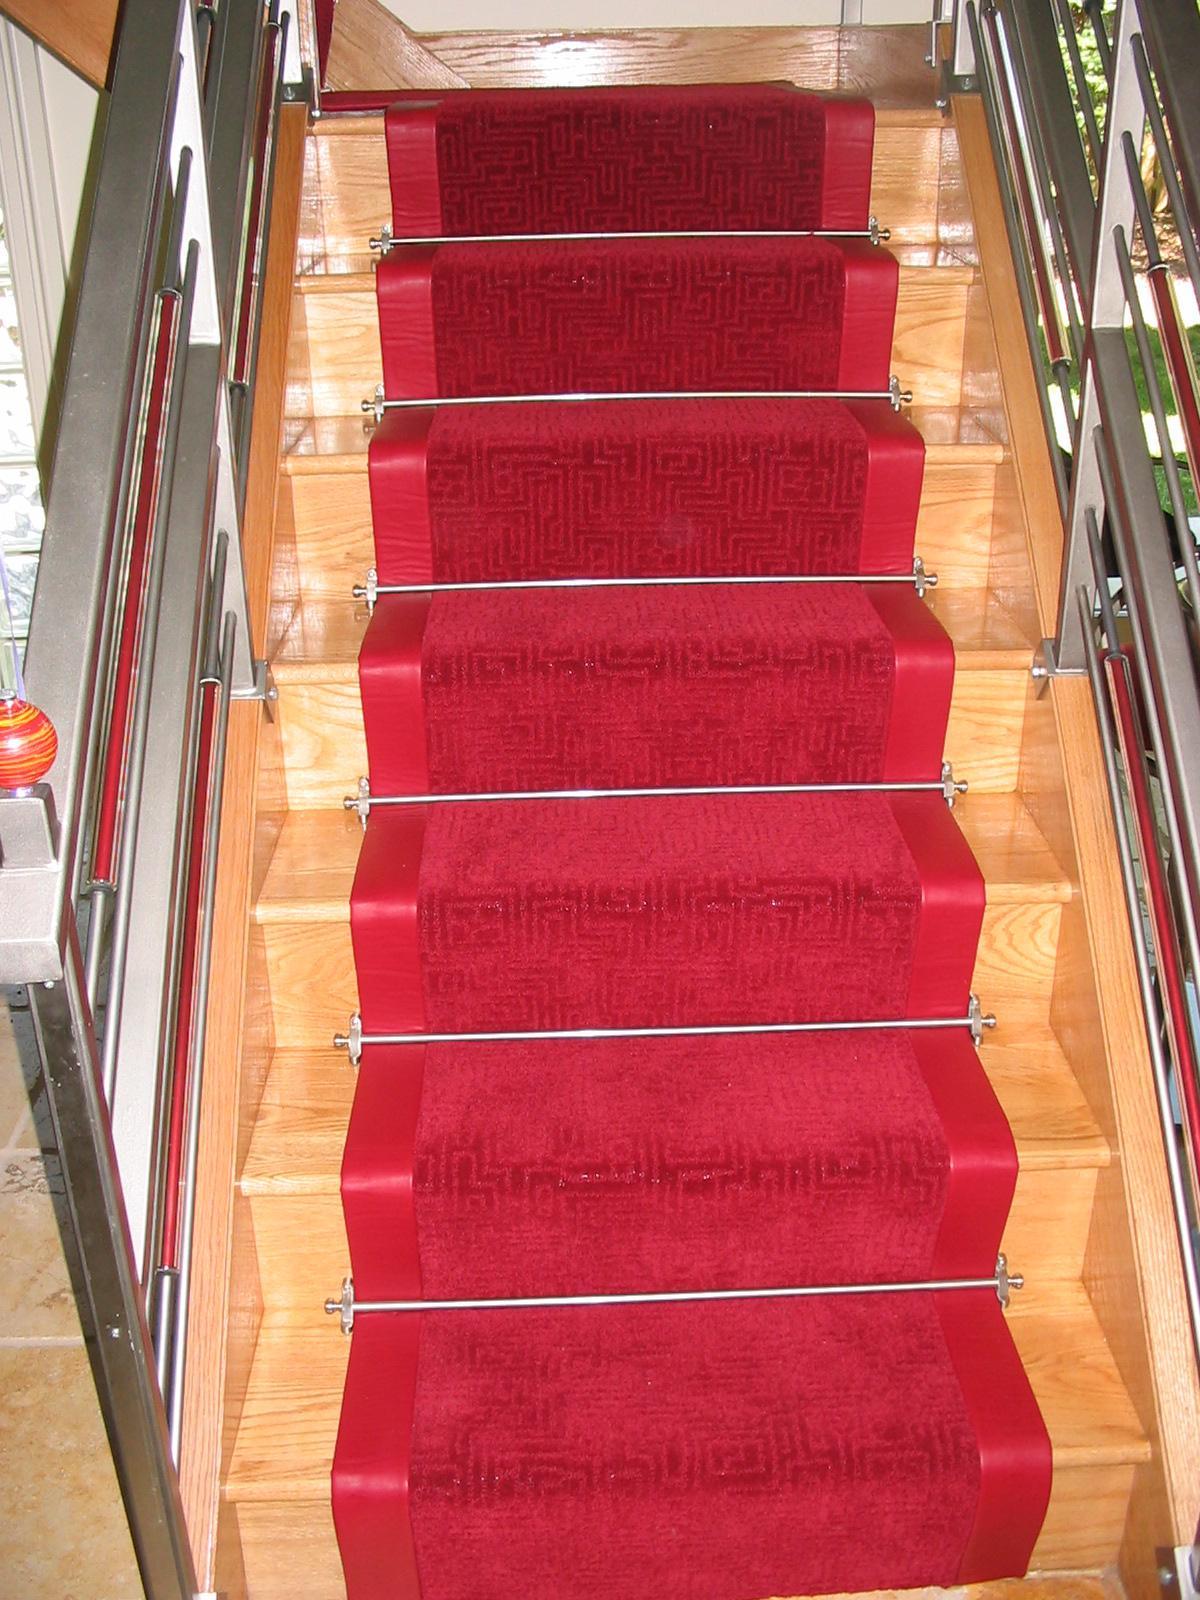 G. Fried Carpet u0026 Design at 495 Rt 17 South, Paramus, NJ on Fave